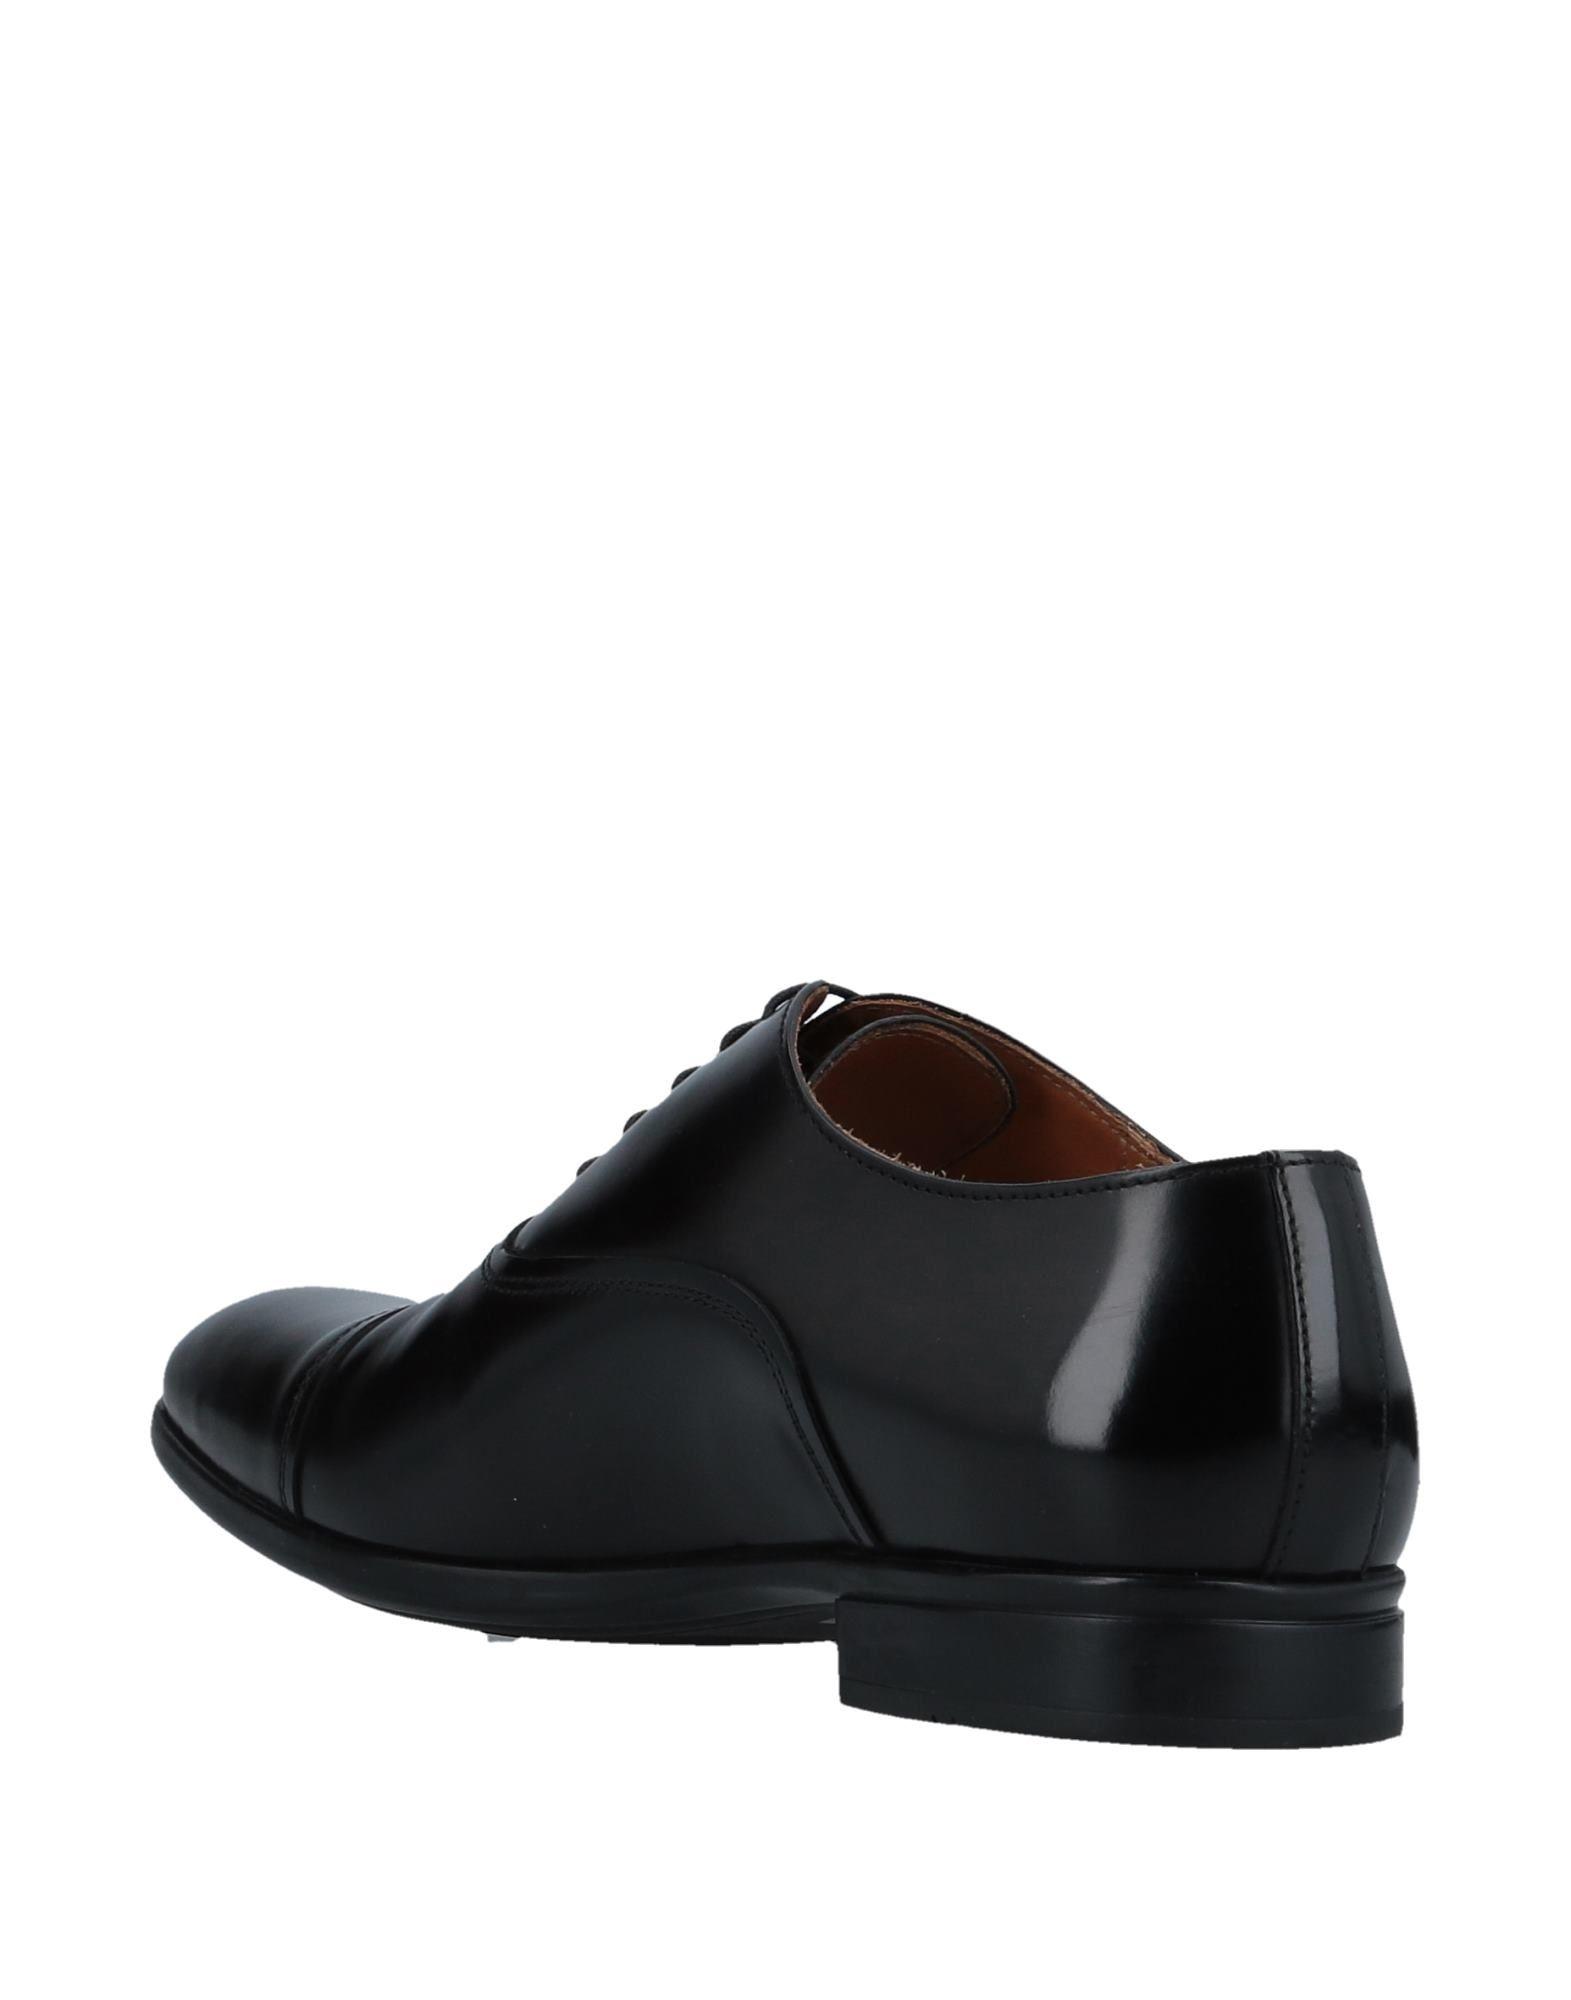 Doucal's Schnürschuhe Qualität Herren  11504605XI Gute Qualität Schnürschuhe beliebte Schuhe b976f6